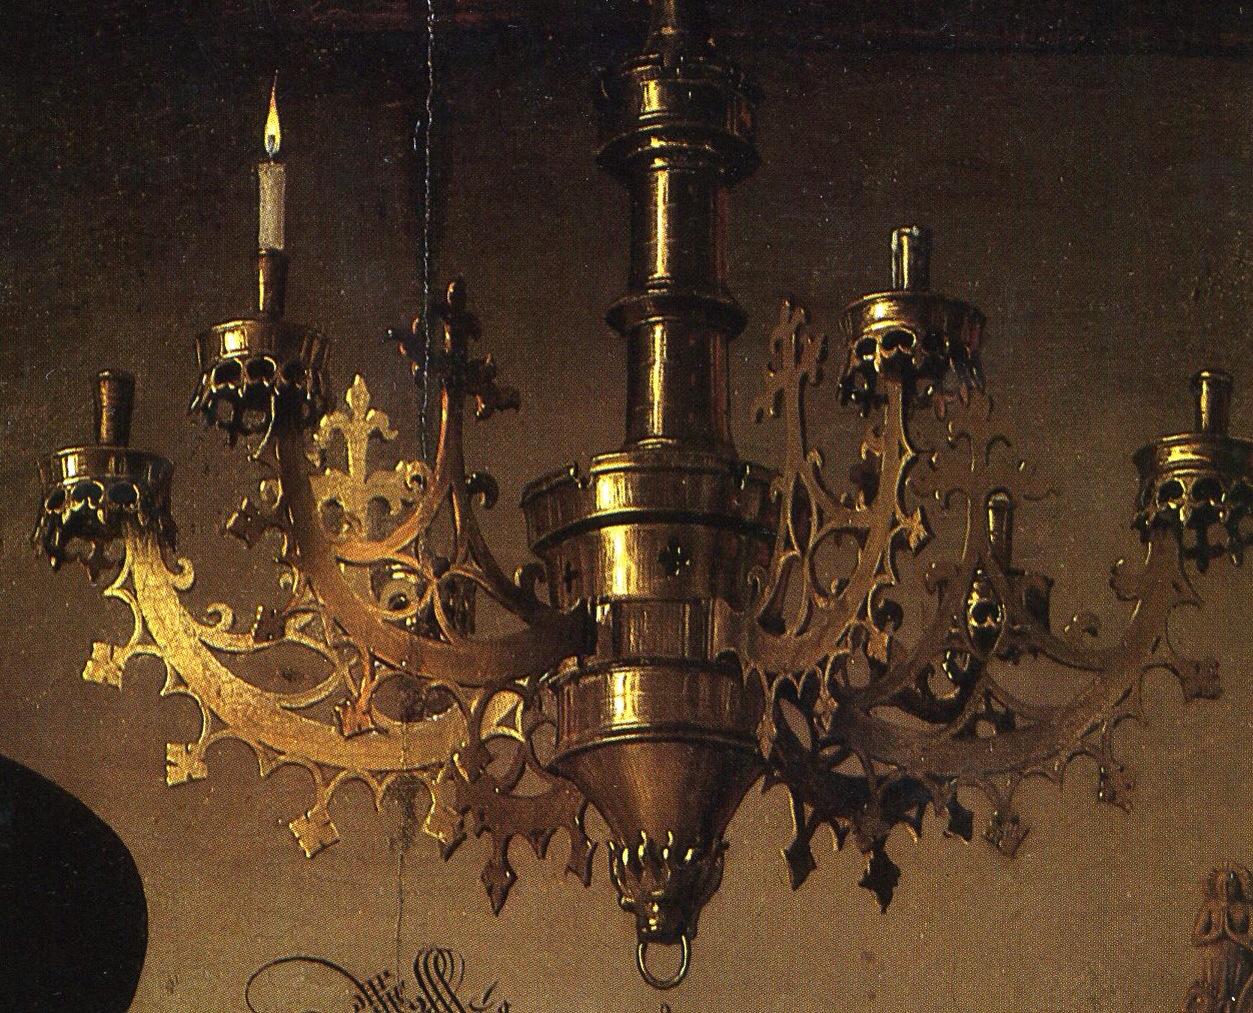 Detalle del candelabro donde se aprecian restos de cera consumida en el brazo a la derecha del de la vela encendida.